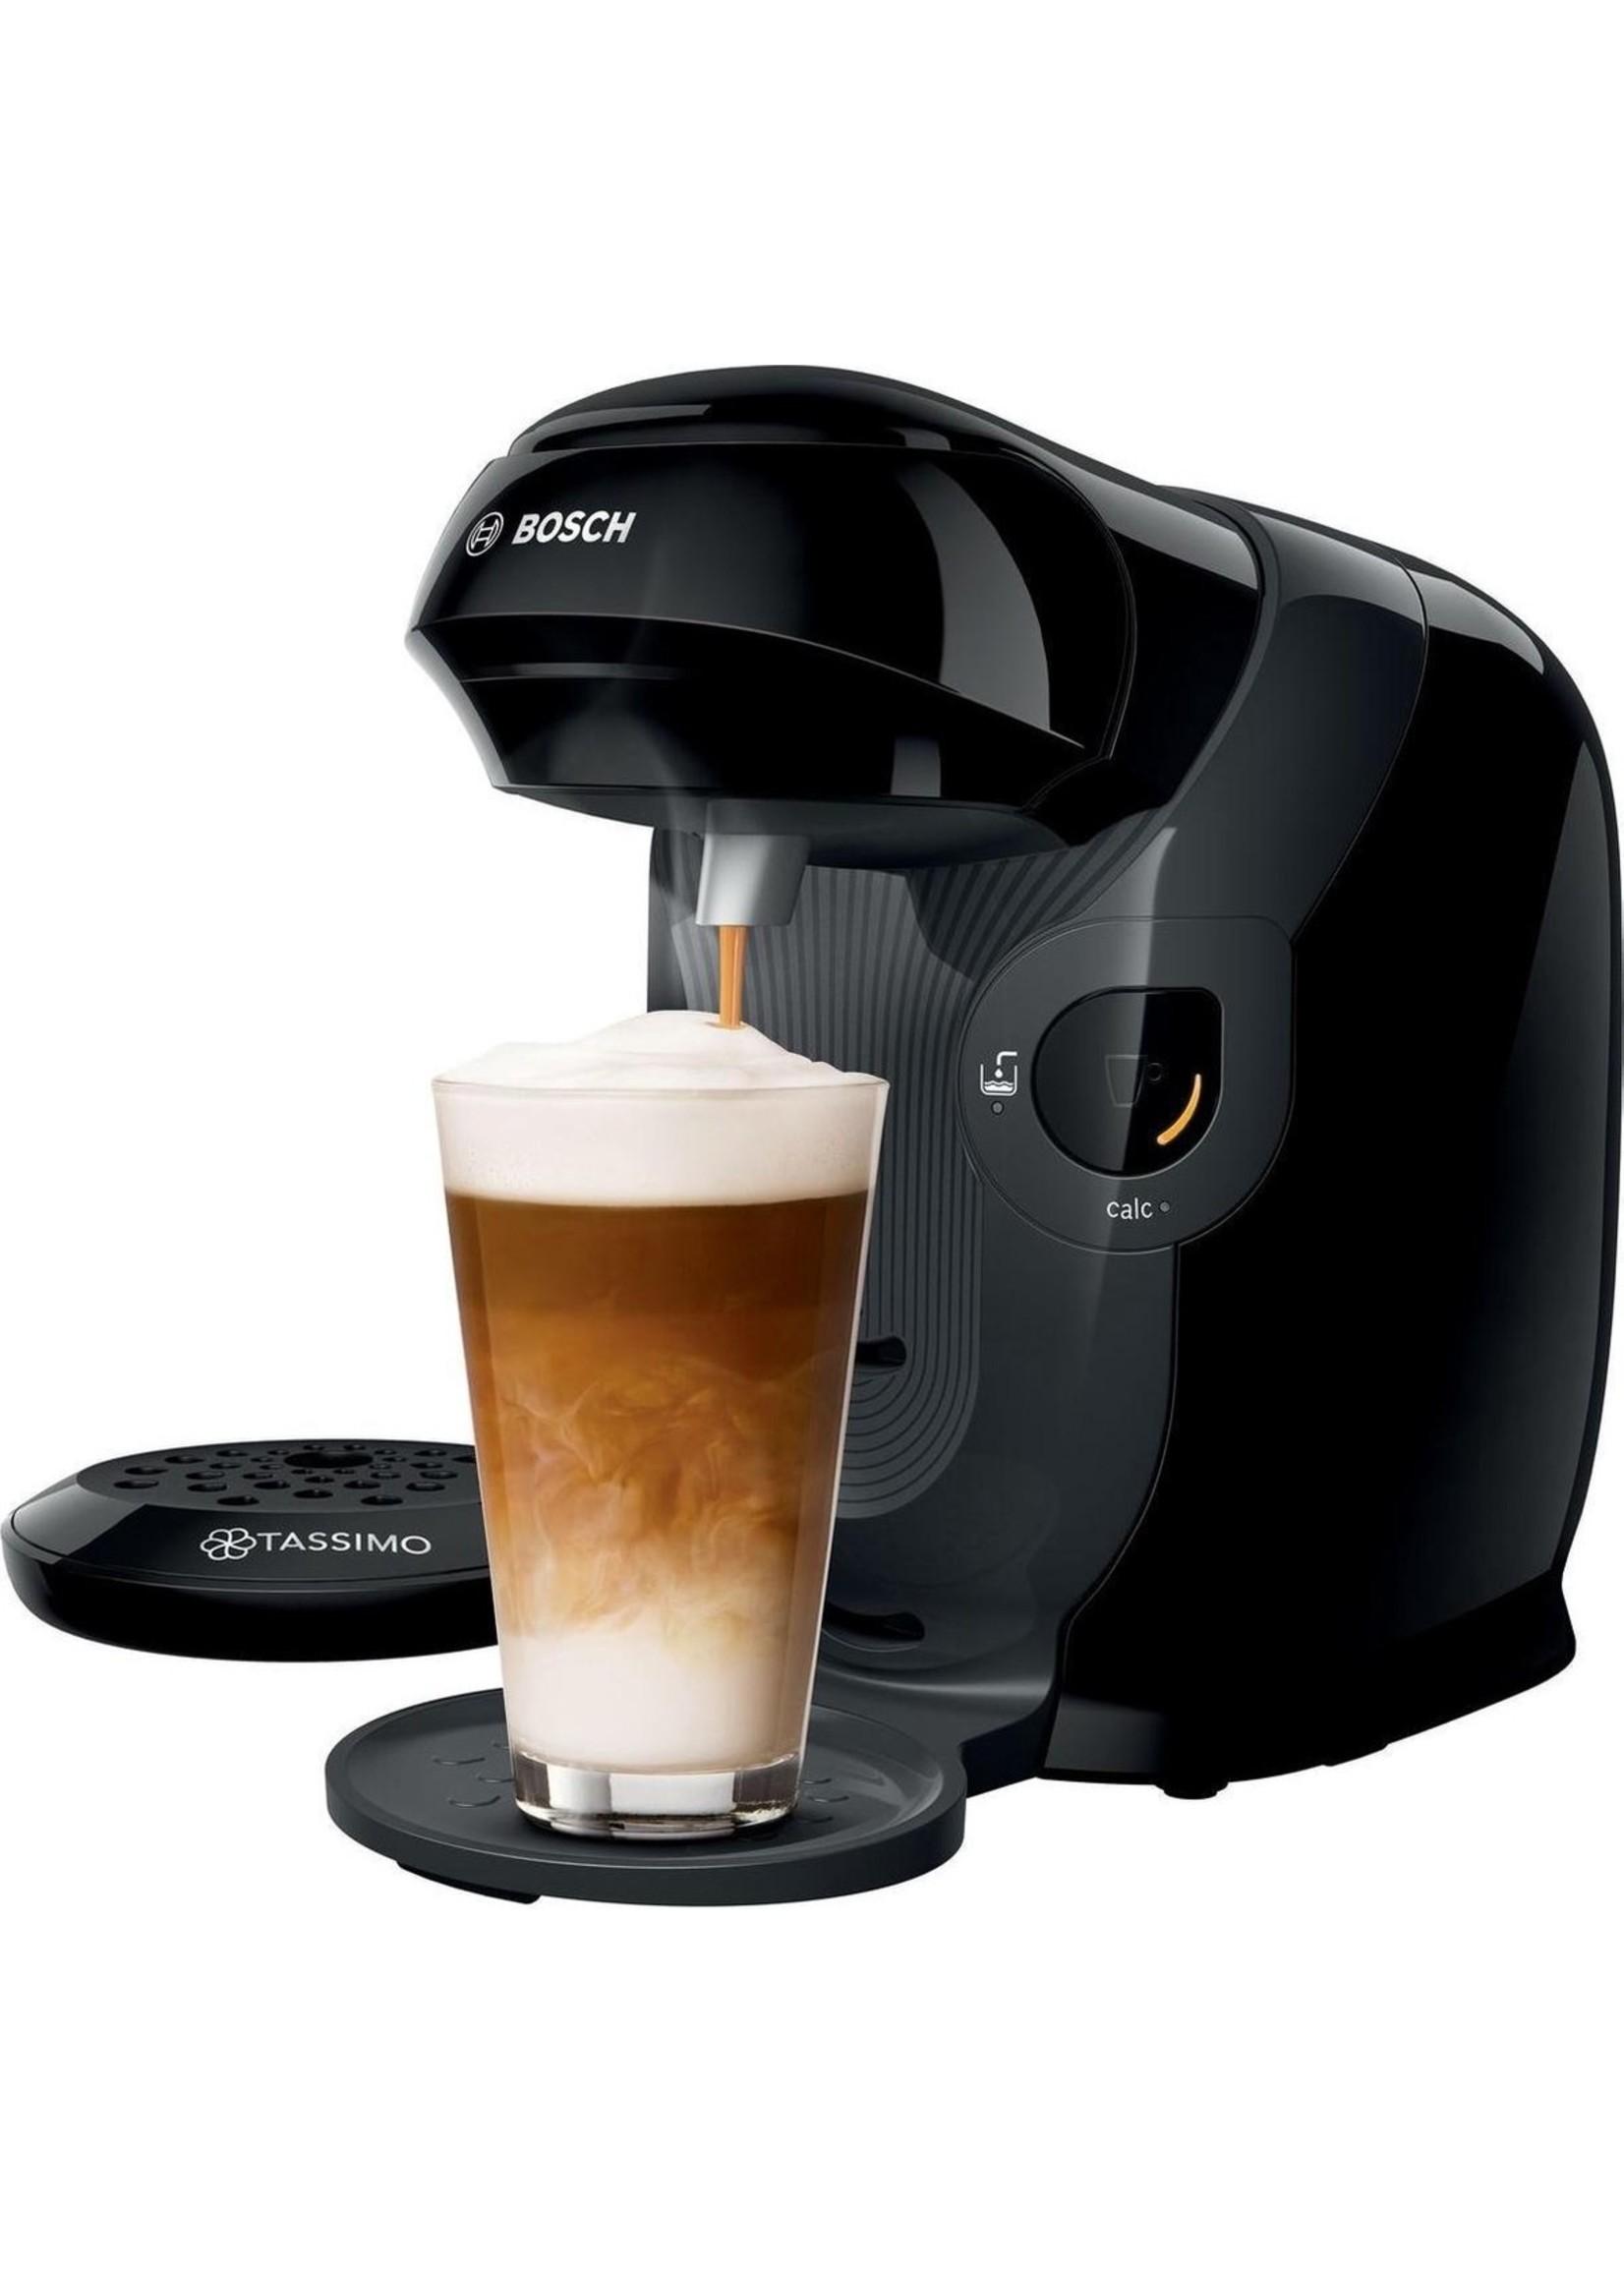 Bosch Bosch Tassimo Style TAS1102 koffiezetapparaat Koffiemachine 0,7 l Volledig automatisch koopjeshoek